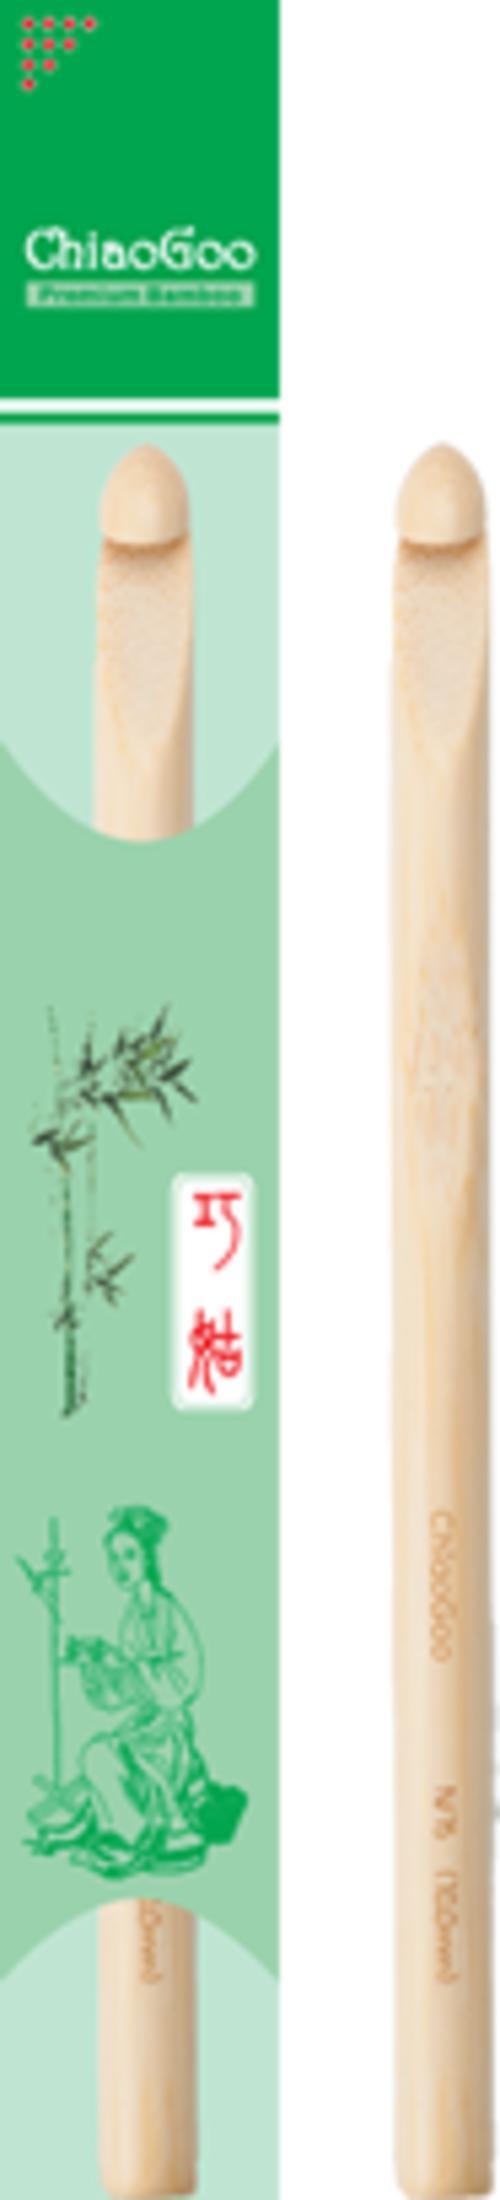 Crochet Equipment ChiaoGoo Bamboo Crochet Hook Size P (11.5mm)